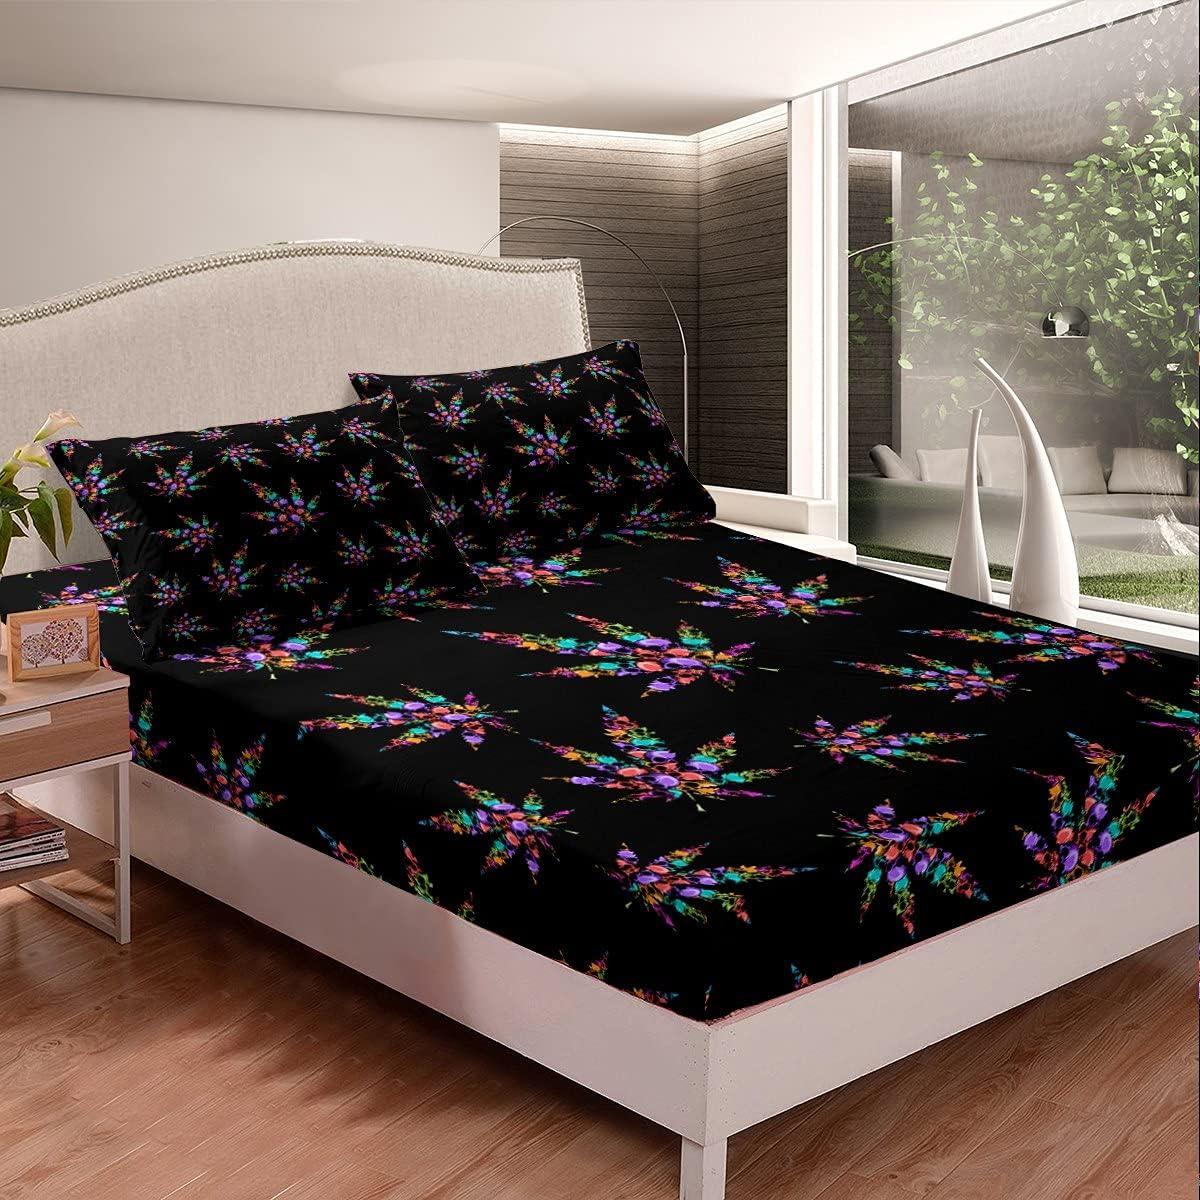 Juego de sábanas bajeras de marihuana con diseño de calavera gótica y colorido para hombres, adolescentes, mujeres, hipie, hojas de cannabis, juego de cama Trippy botanical de 3 piezas, color negro